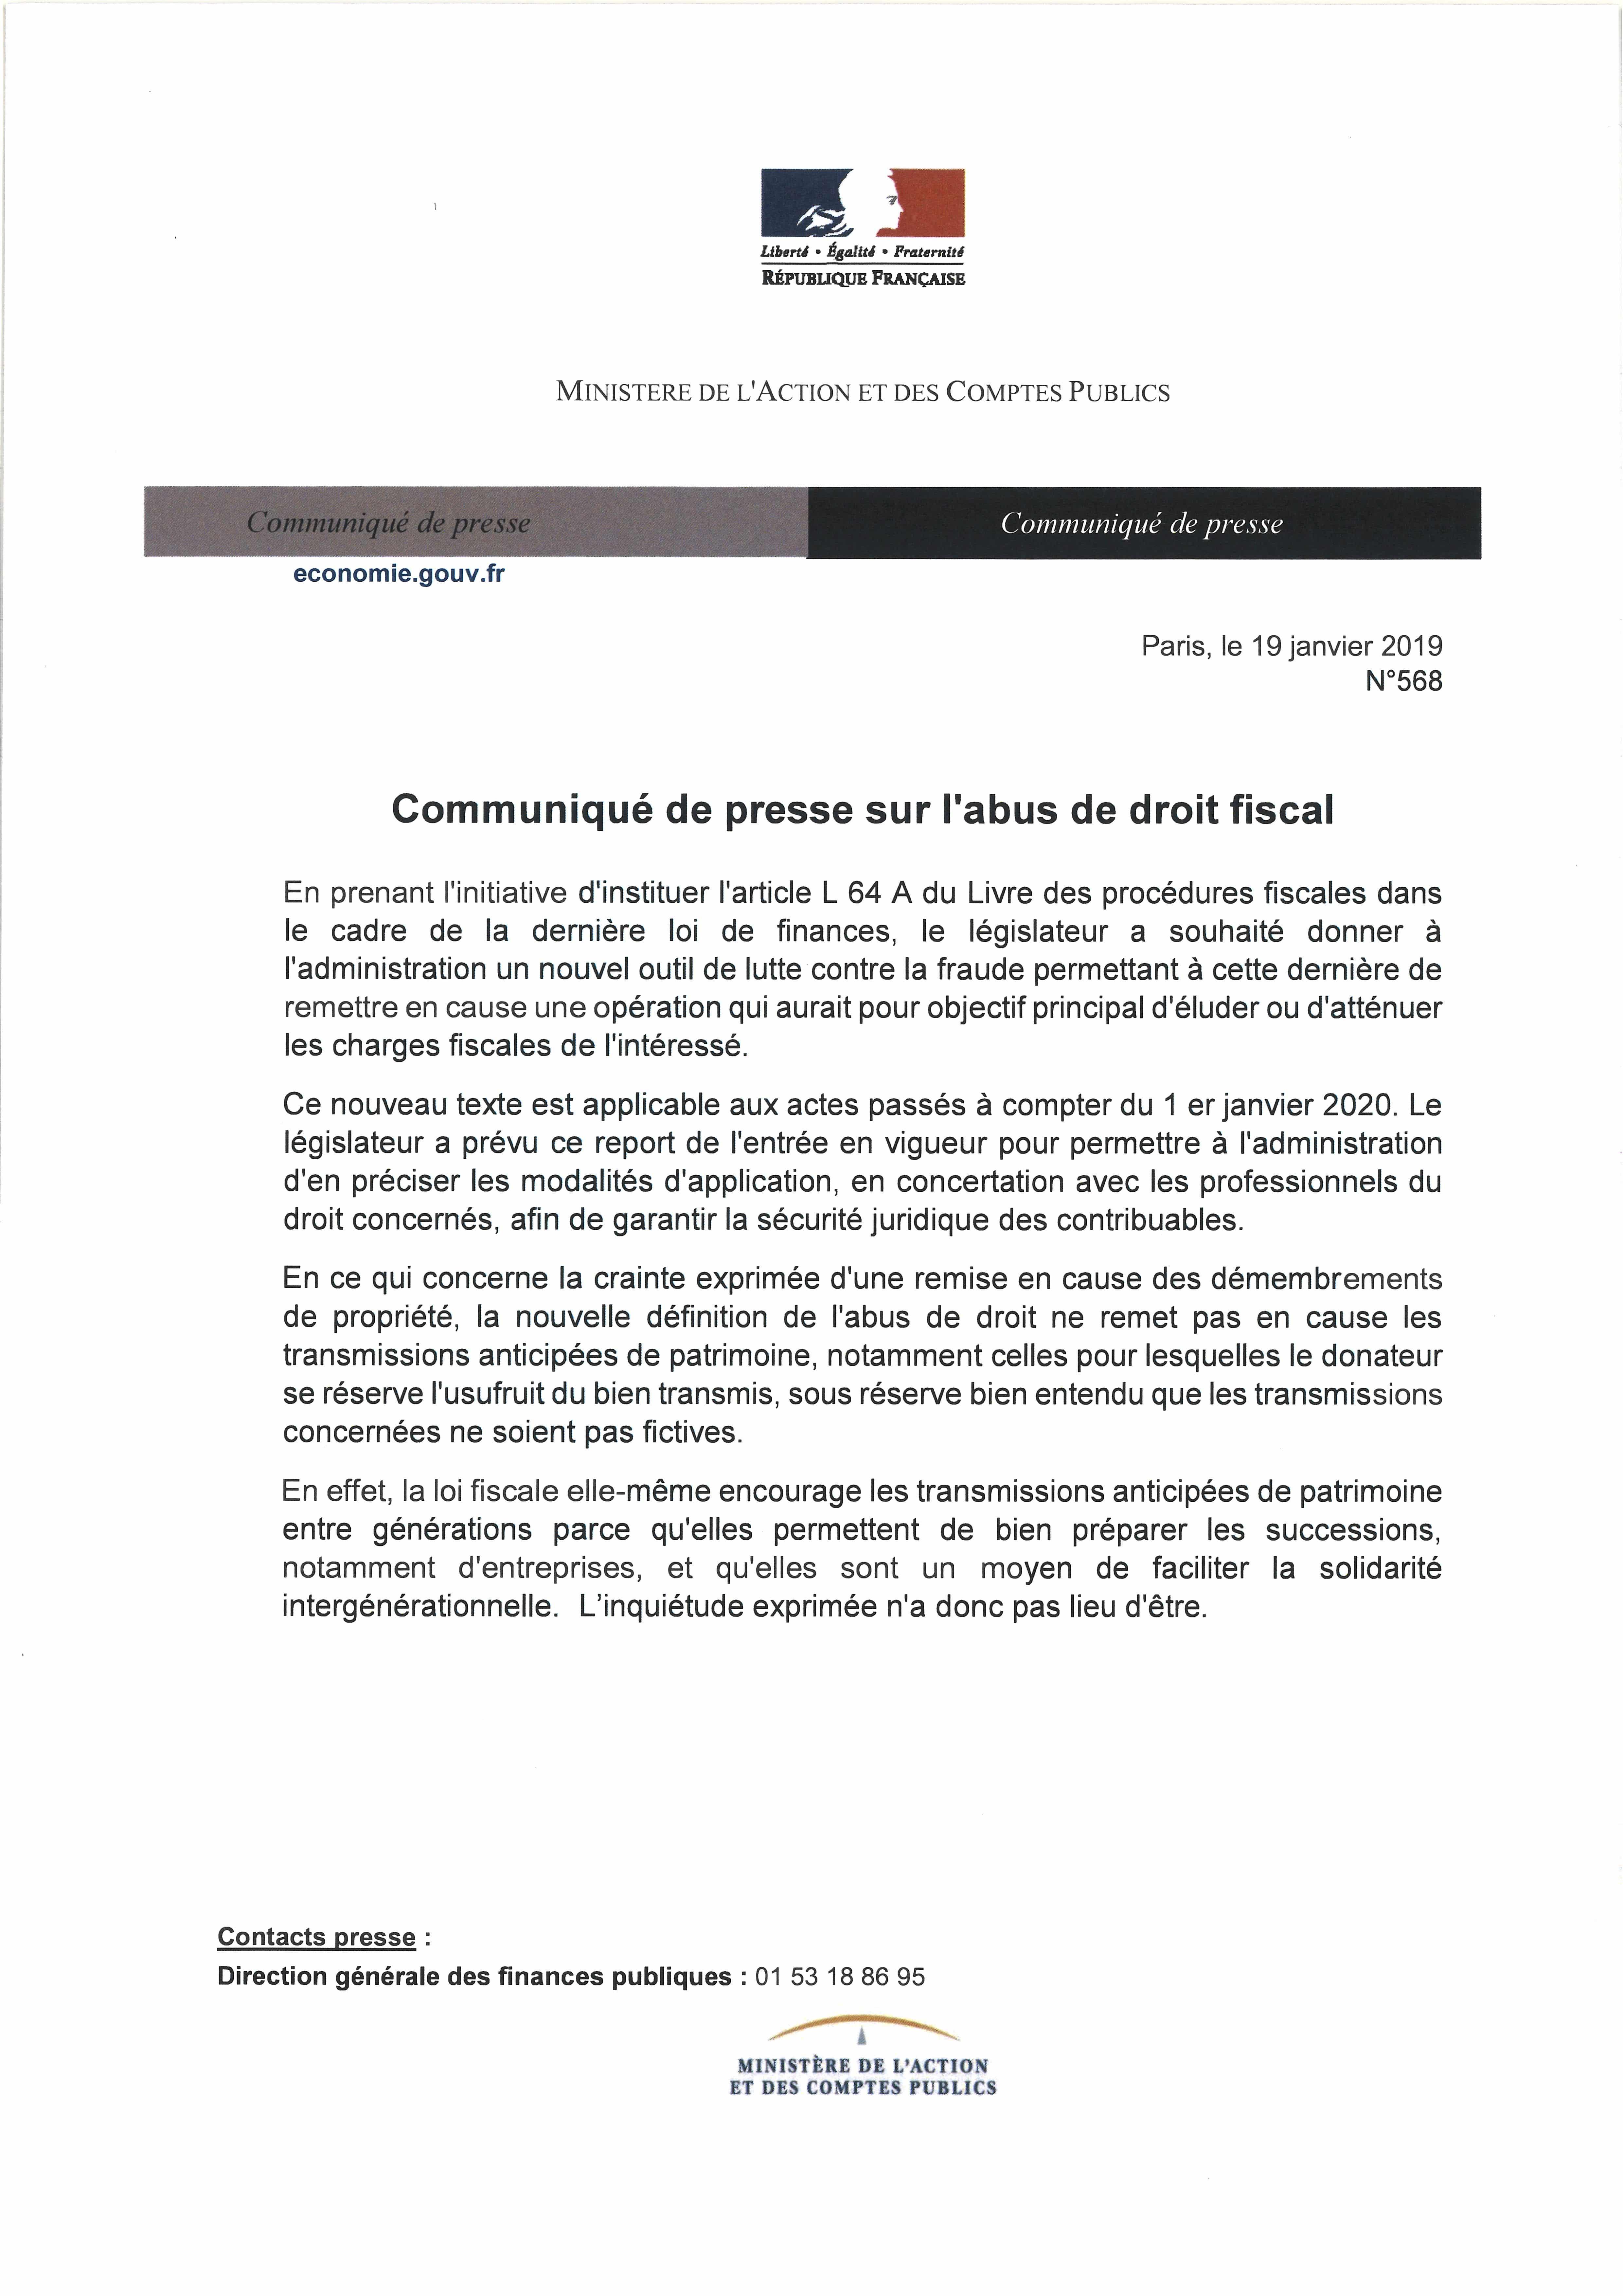 communique de presse administration fiscal abus de droit fiscal démembrement